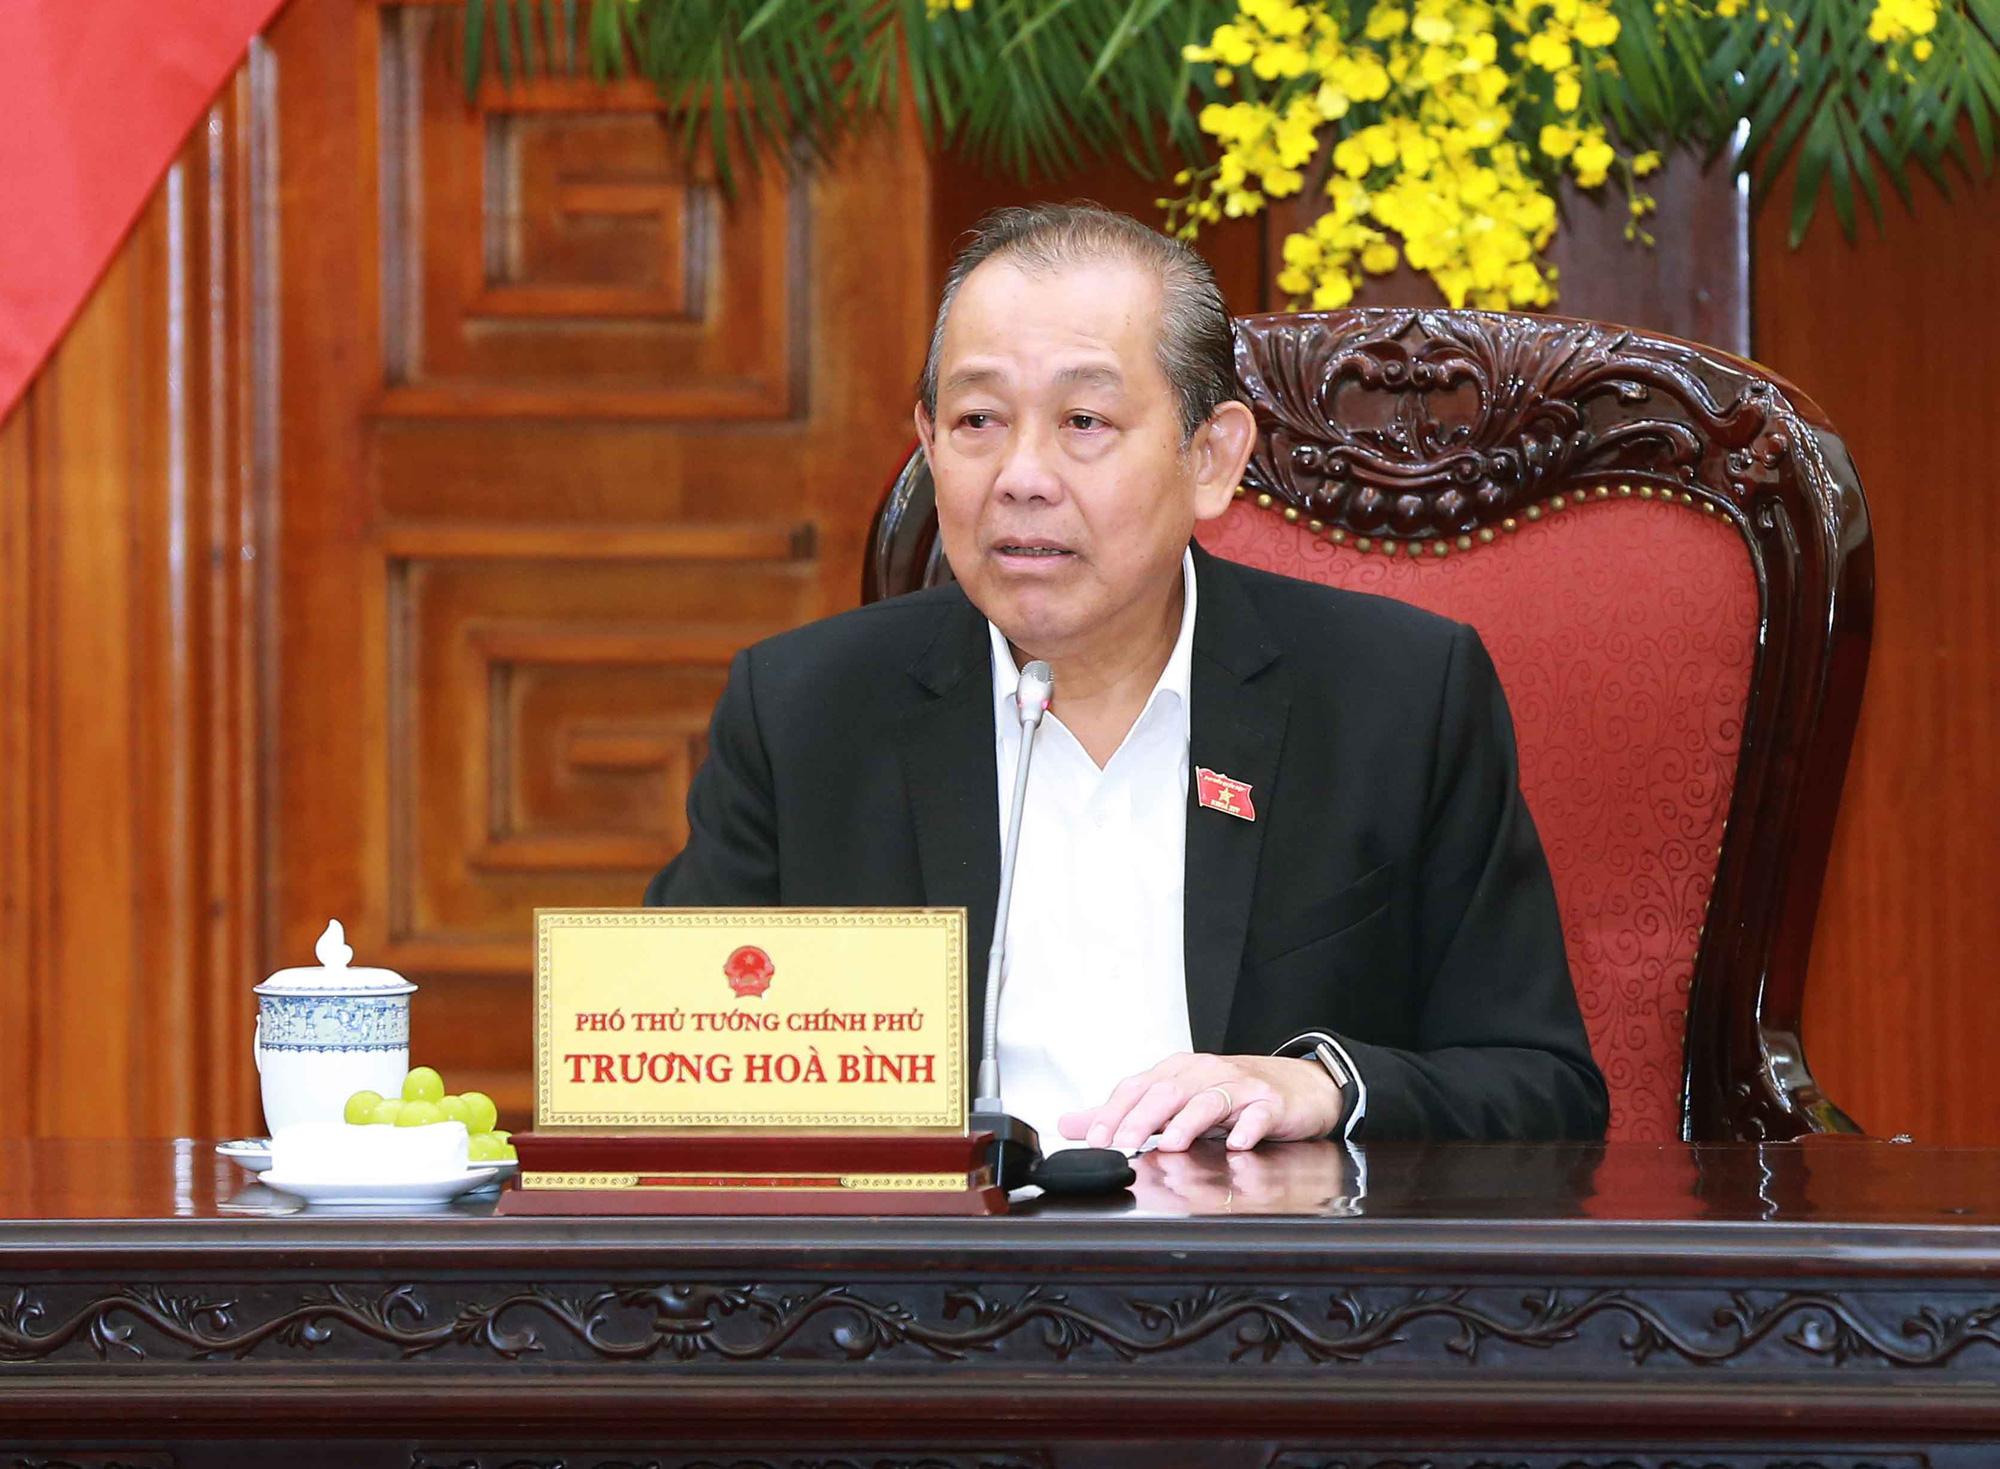 Phó Thủ tướng Thường trực Trương Hòa Bình xúc động chỉ đạo giải quyết vụ việc 39 người tử vong tại Anh - Ảnh 1.